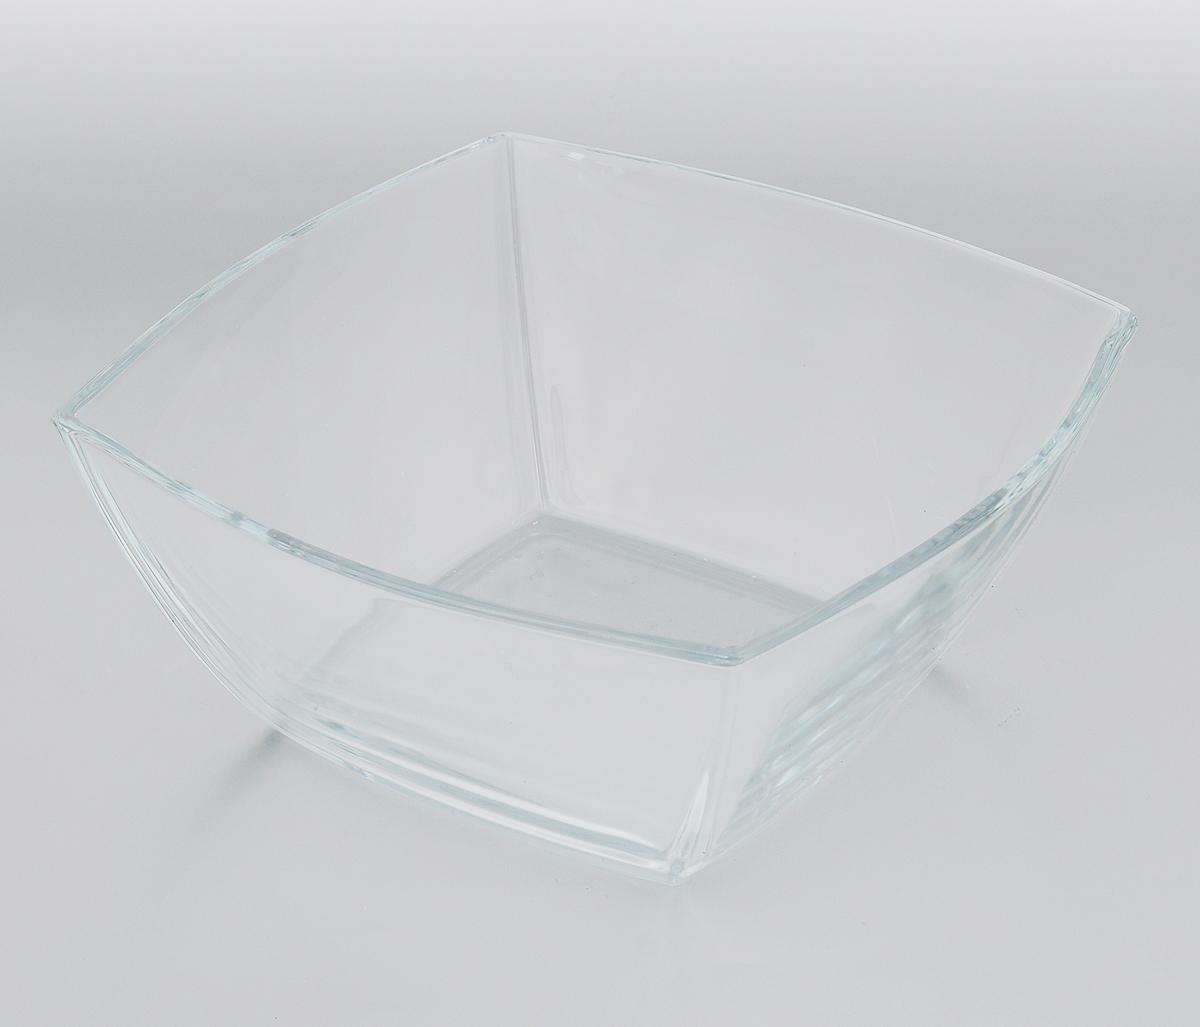 Салатник Pasabahce Tokio, 24 х 24 см68/5/3Салатник Pasabahce Tokio, выполненный из прочного натрий-кальций-силикатного стекла, предназначен для красивой сервировки различных блюд. Салатник сочетает в себе лаконичный дизайн с максимальной функциональностью. Оригинальность оформления придется по вкусу и ценителям классики, и тем, кто предпочитает утонченность и изящность.Можно мыть в посудомоечной машине, также использовать в холодильнике, морозильной камере и микроволновой печи до +70°C. Размер салатника по верхнему краю: 24 х 24 см.